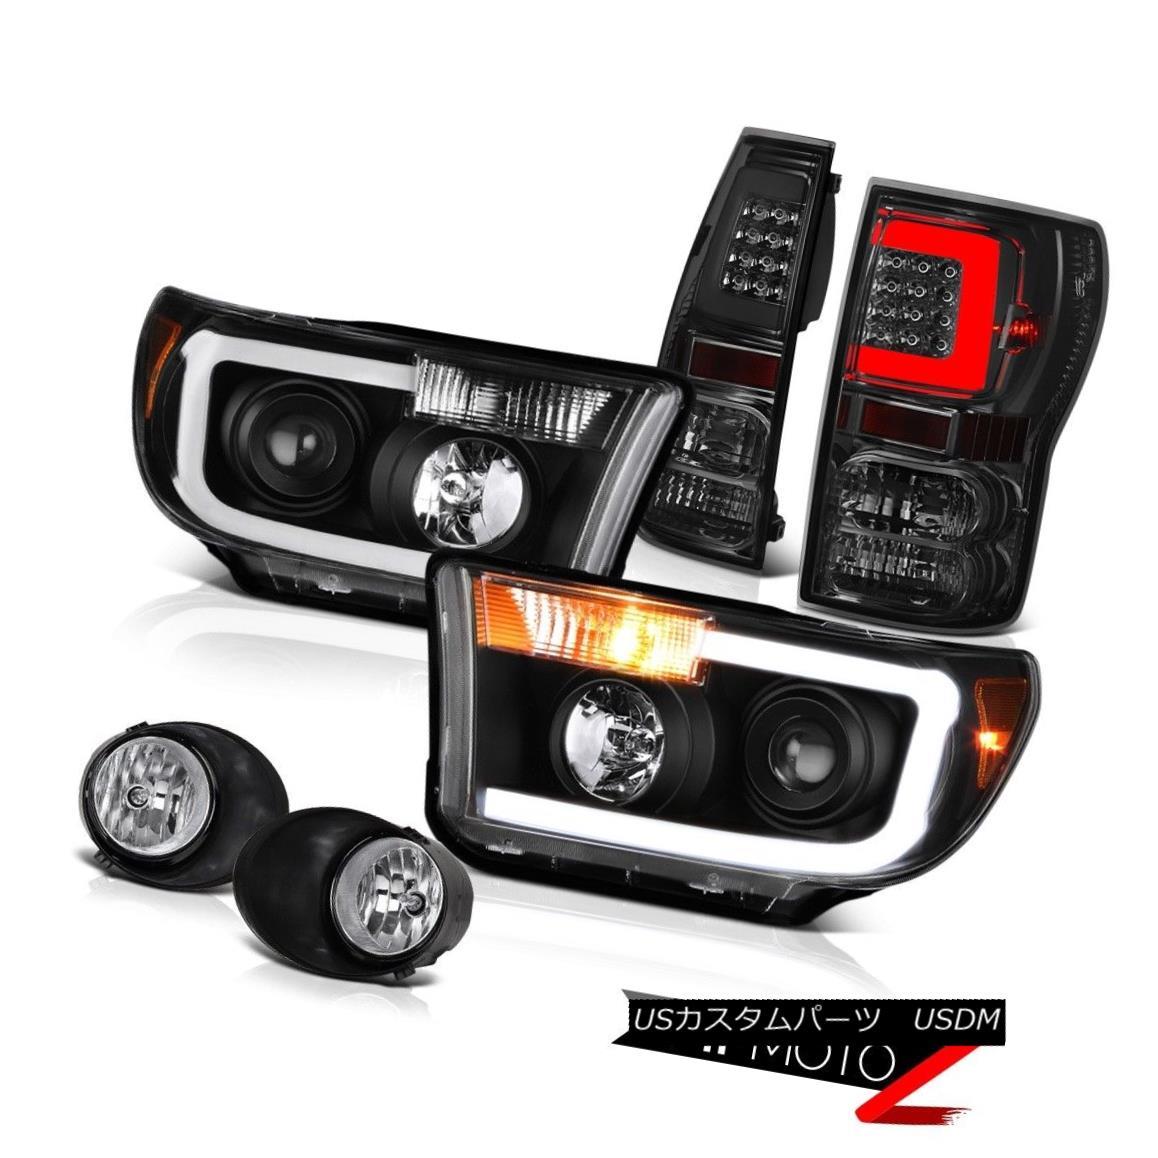 テールライト 07-13 Toyota Tundra Titanium Smoke Rear Projector Head Lights Clear Chrome Spot 07-13トヨタトンドラチタンスモークリアプロジェクターヘッドライトクリアクロムスポット